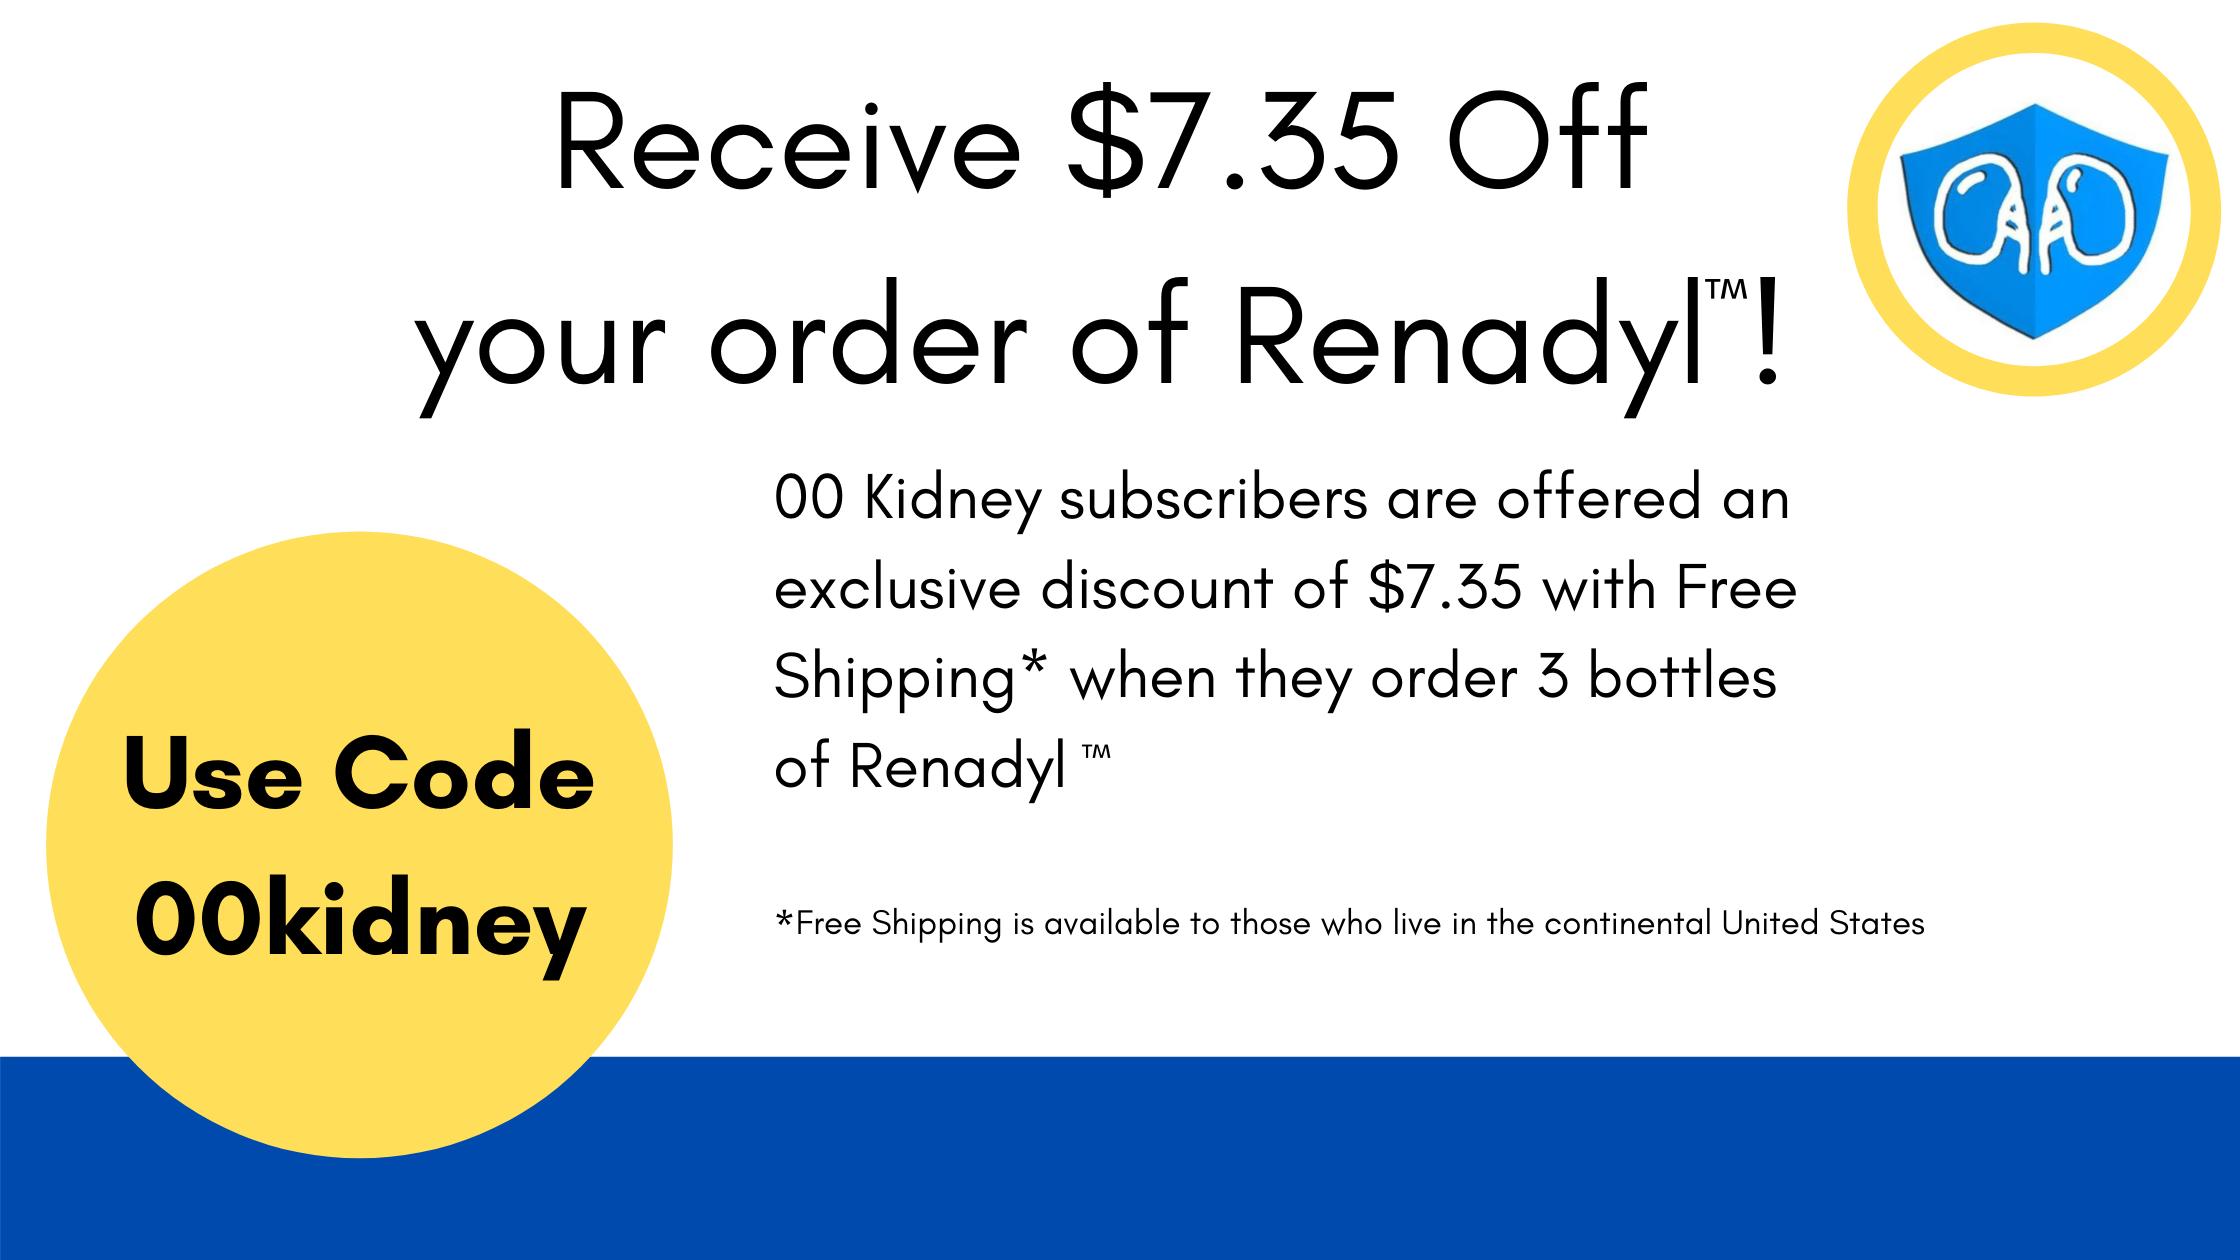 kibow-renadyl-3bottles-00kidneys.png